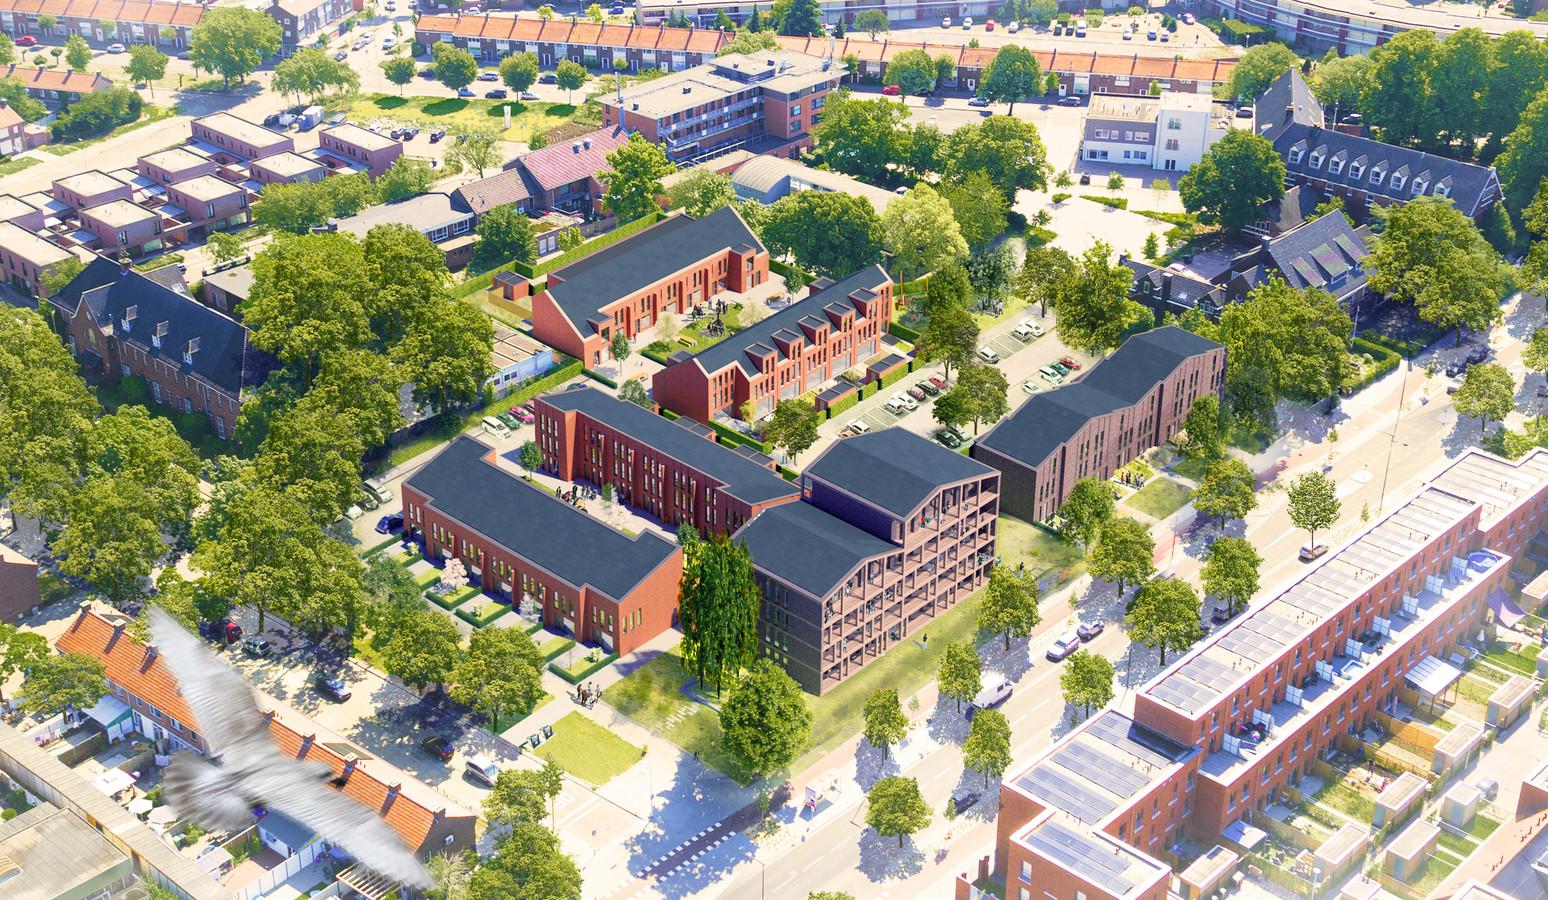 Het plan Tivoli Eindhoven, op de voormalige locatie van de Tivolikerk aan de Heezerweg. Op het middenterrein liggen de middeldure woningen van 't Schip (links aan de Rector Baptislaan) en De Gaard die Trudo gaat verhuren en verkopen.